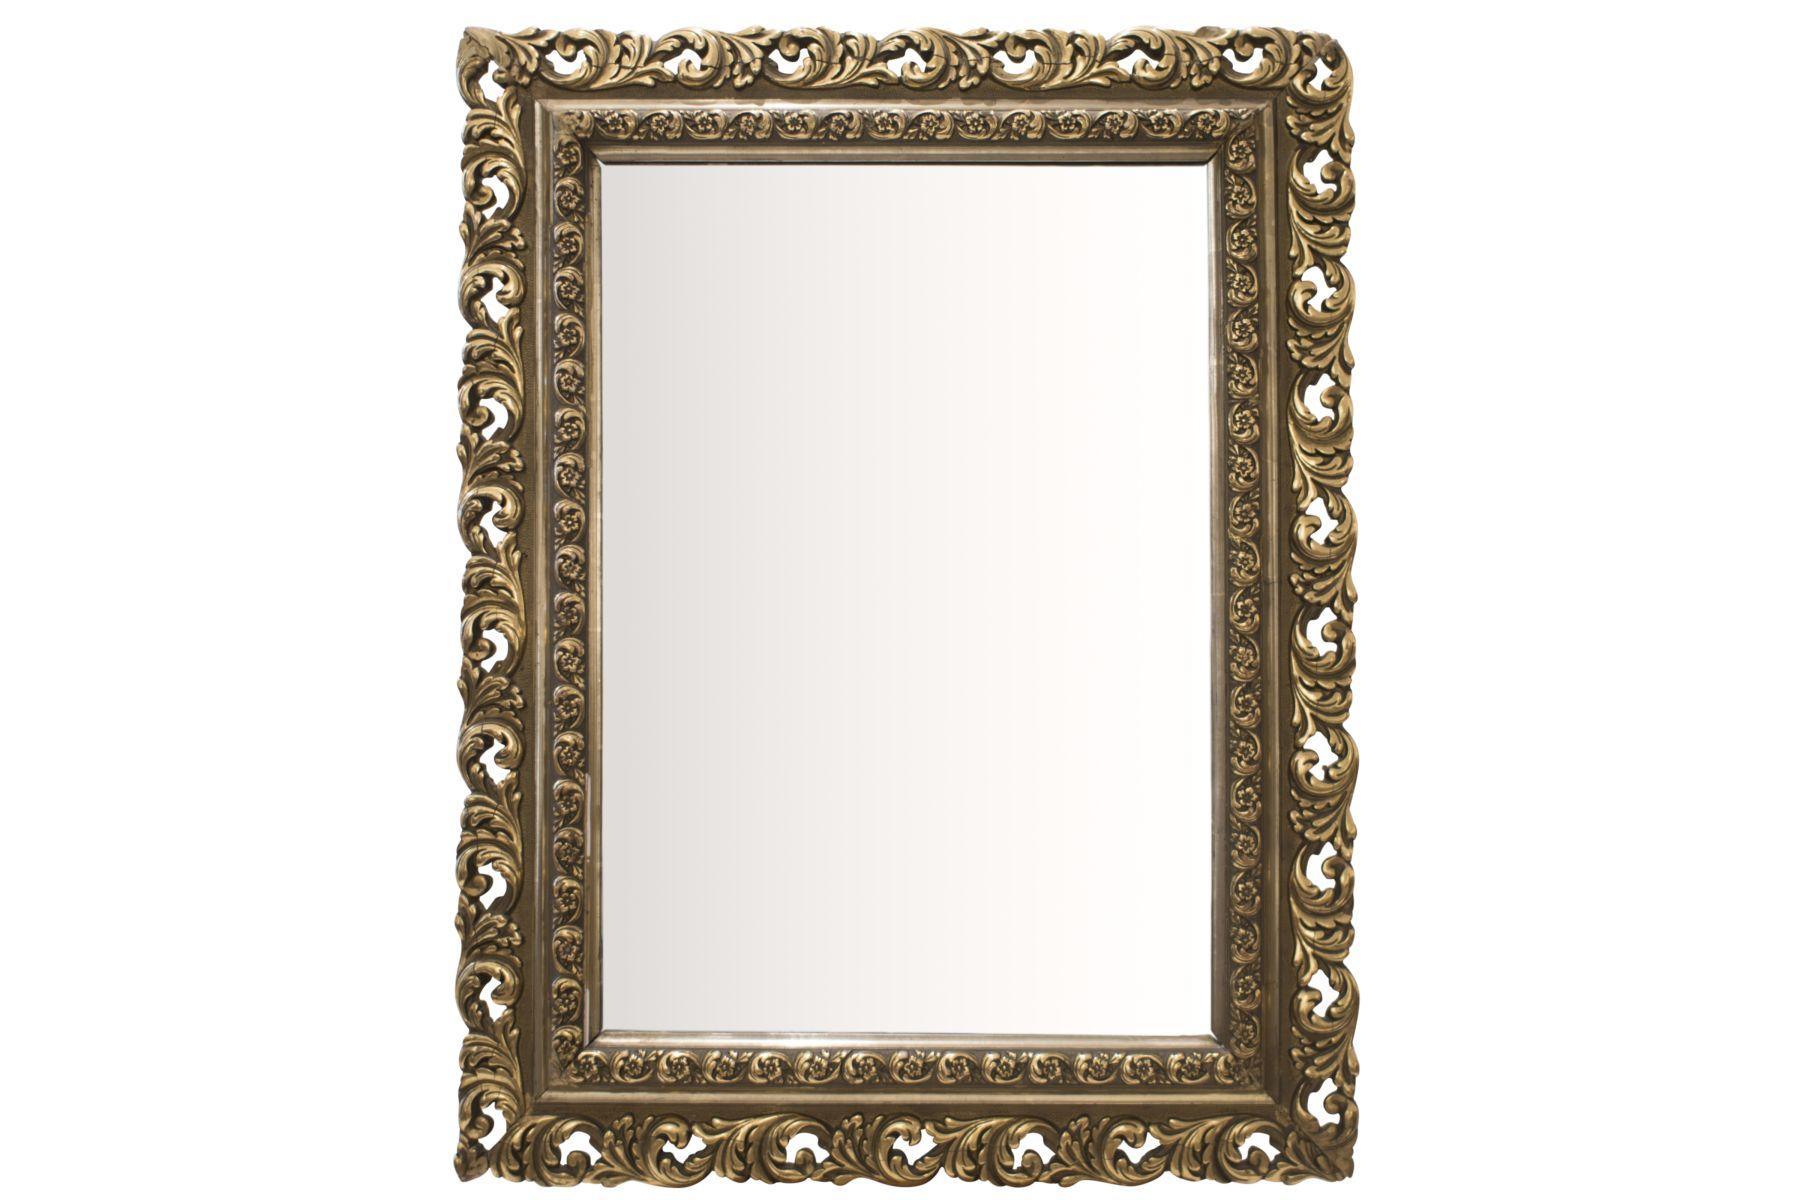 #50 Decorative mirror | Dekorativer Spiegel Image